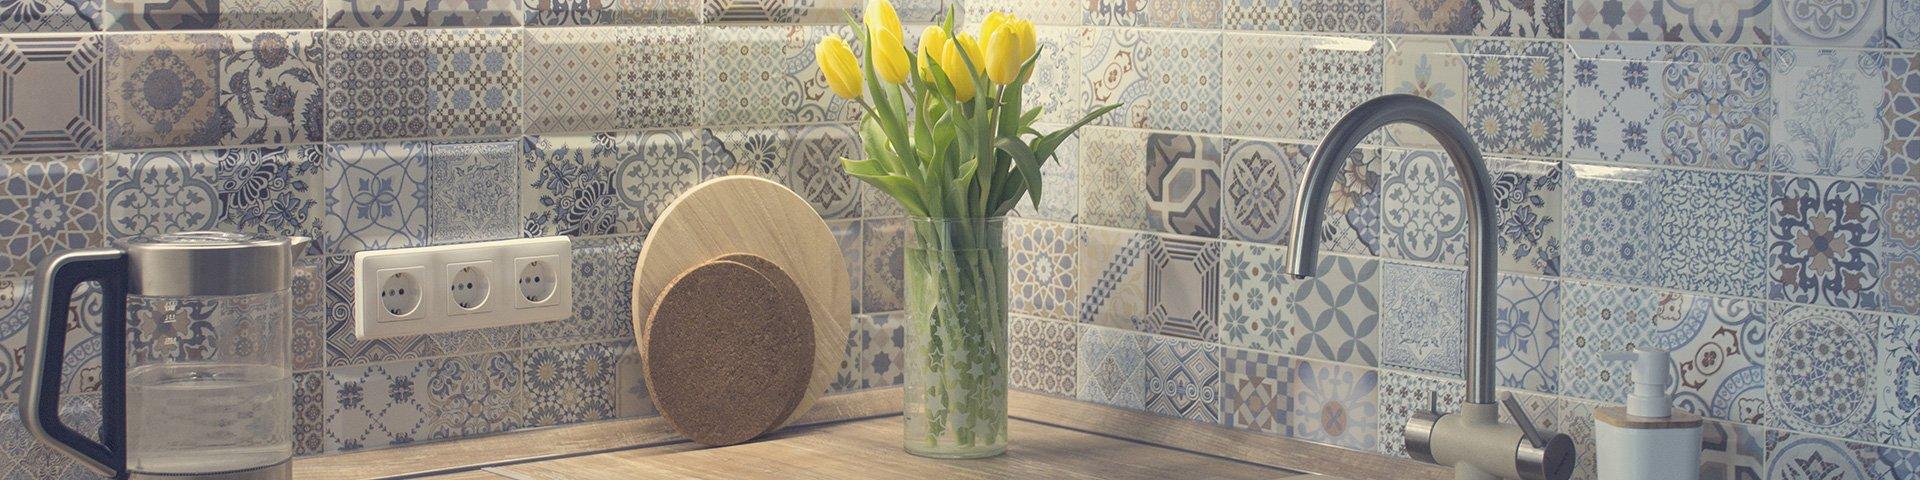 małe kwadratowe płytki w orientalne wzory na ścianie w kuchni